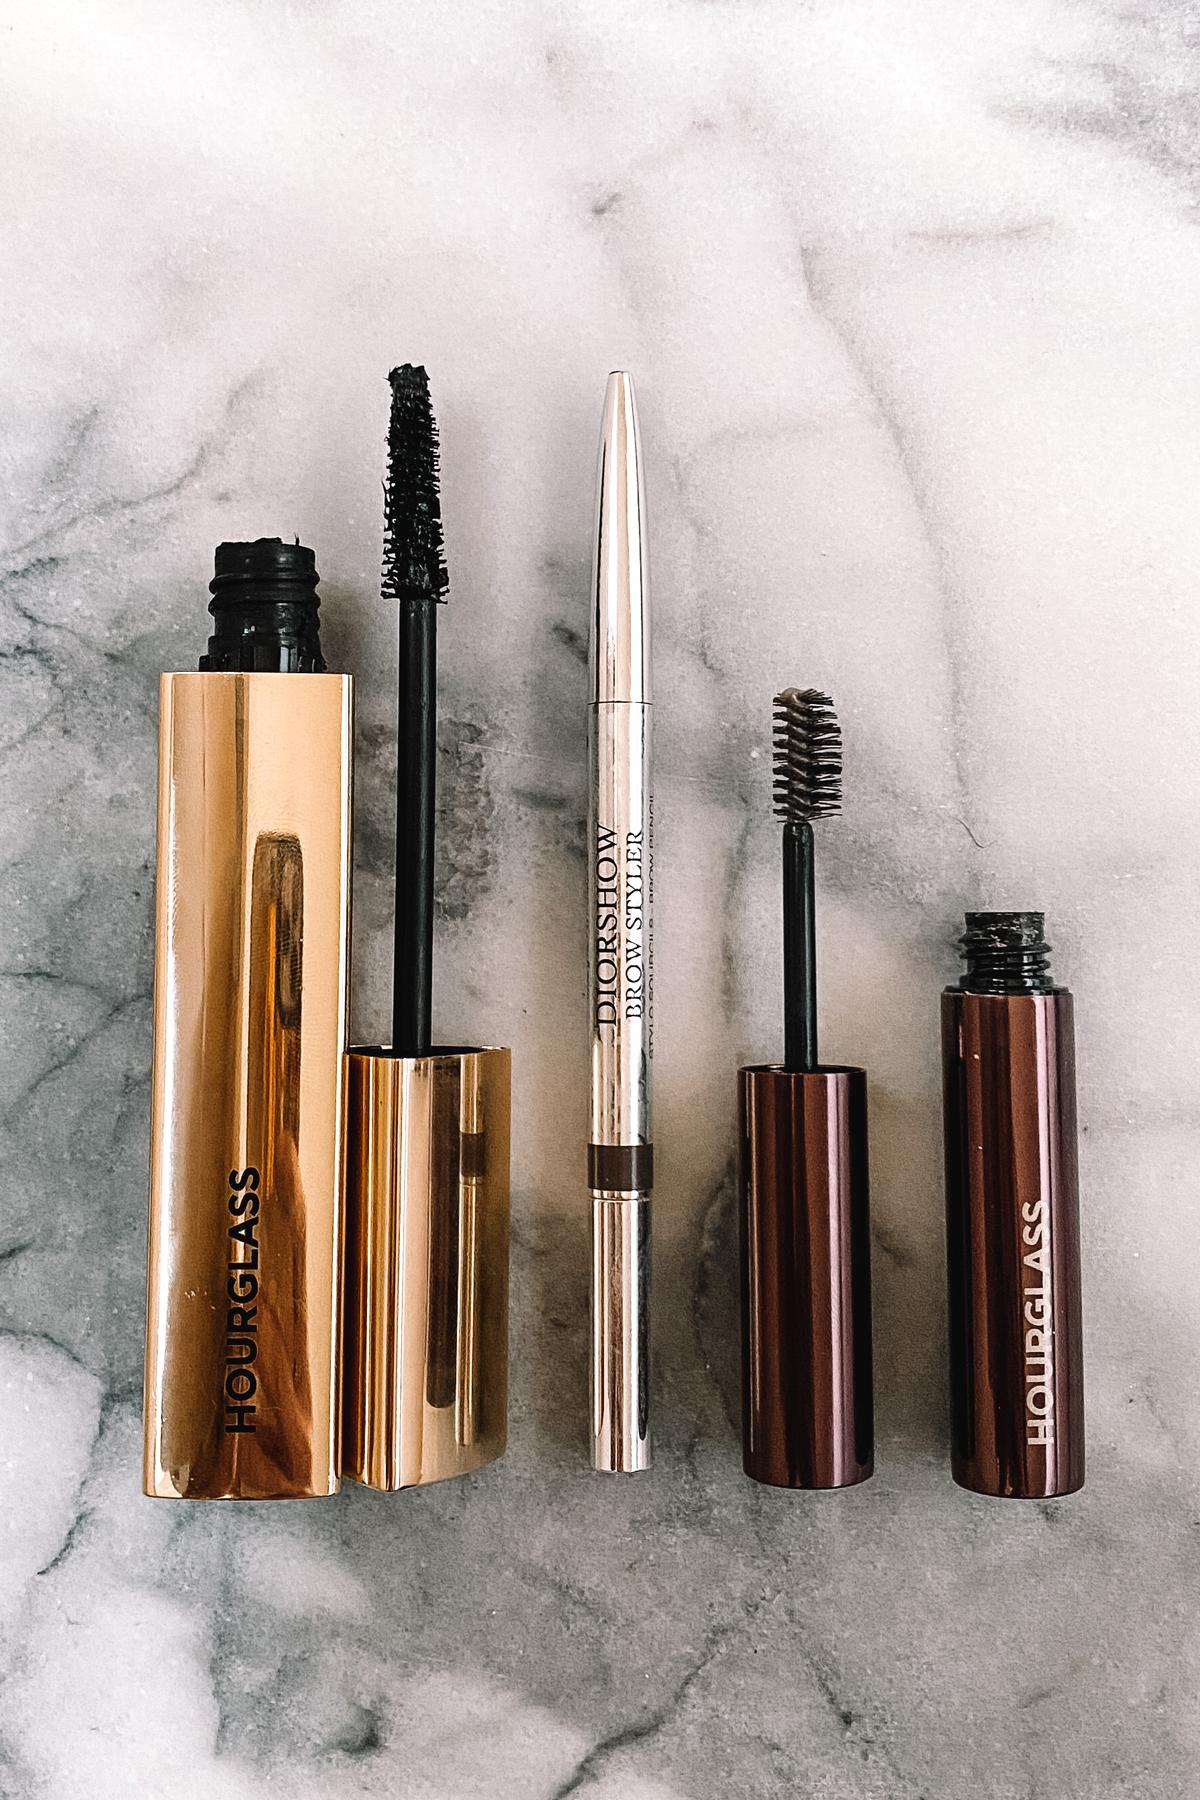 Fashion Jackson Sephora Hourglass Mascara Dior Brow Pencil Hourglass Brow Gel